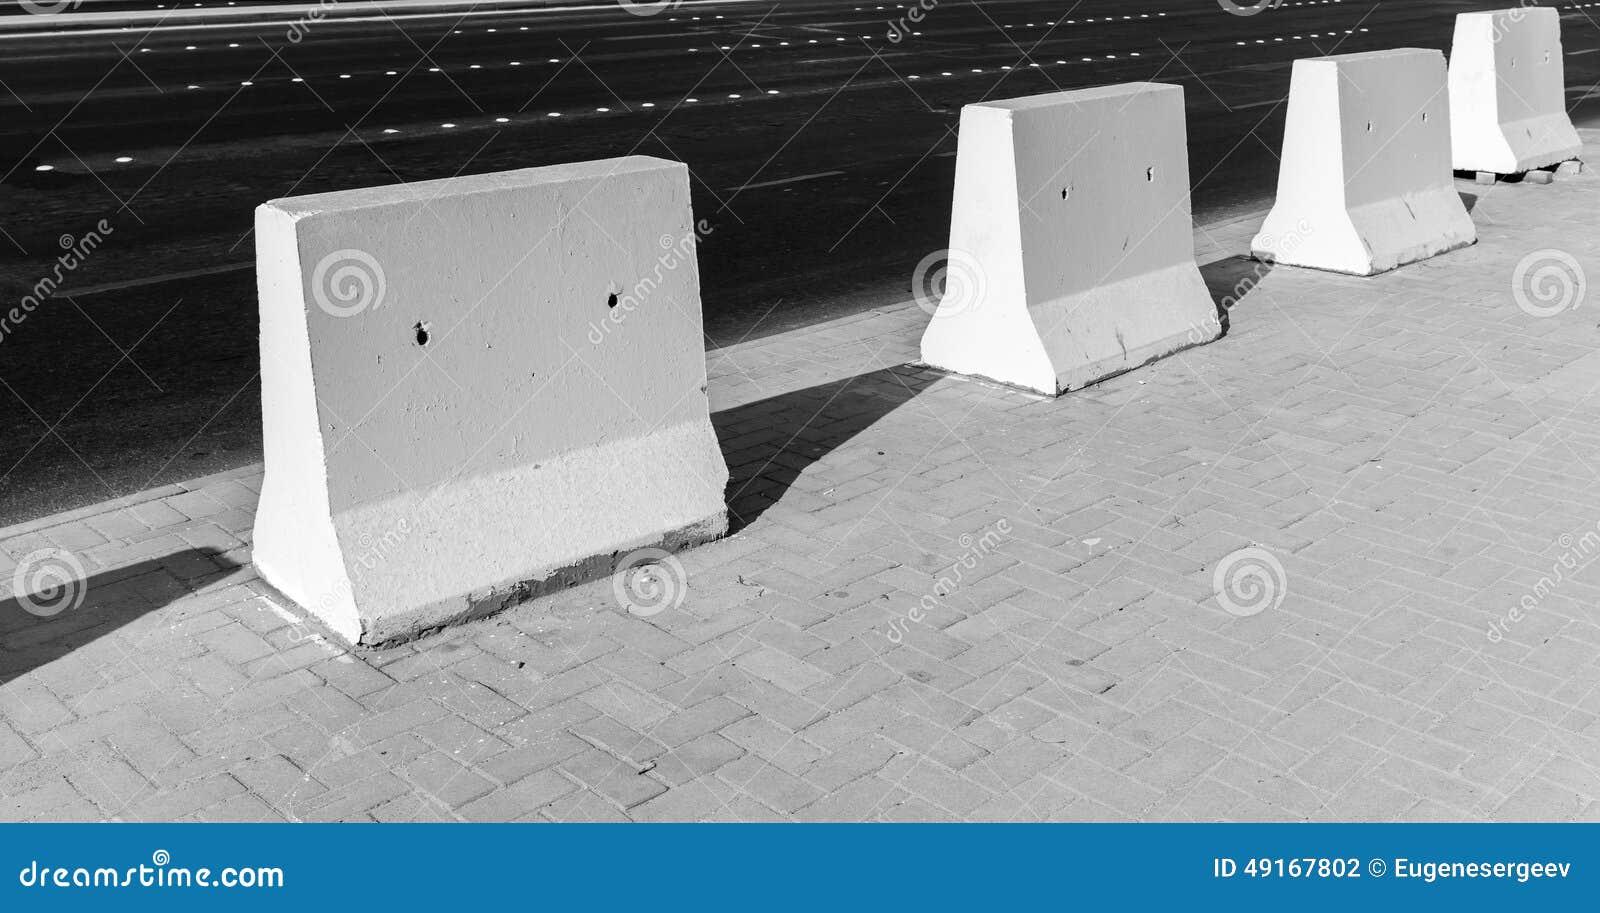 Barrera del camino Soporte blanco de los bloques de cemento en el borde de la carretera